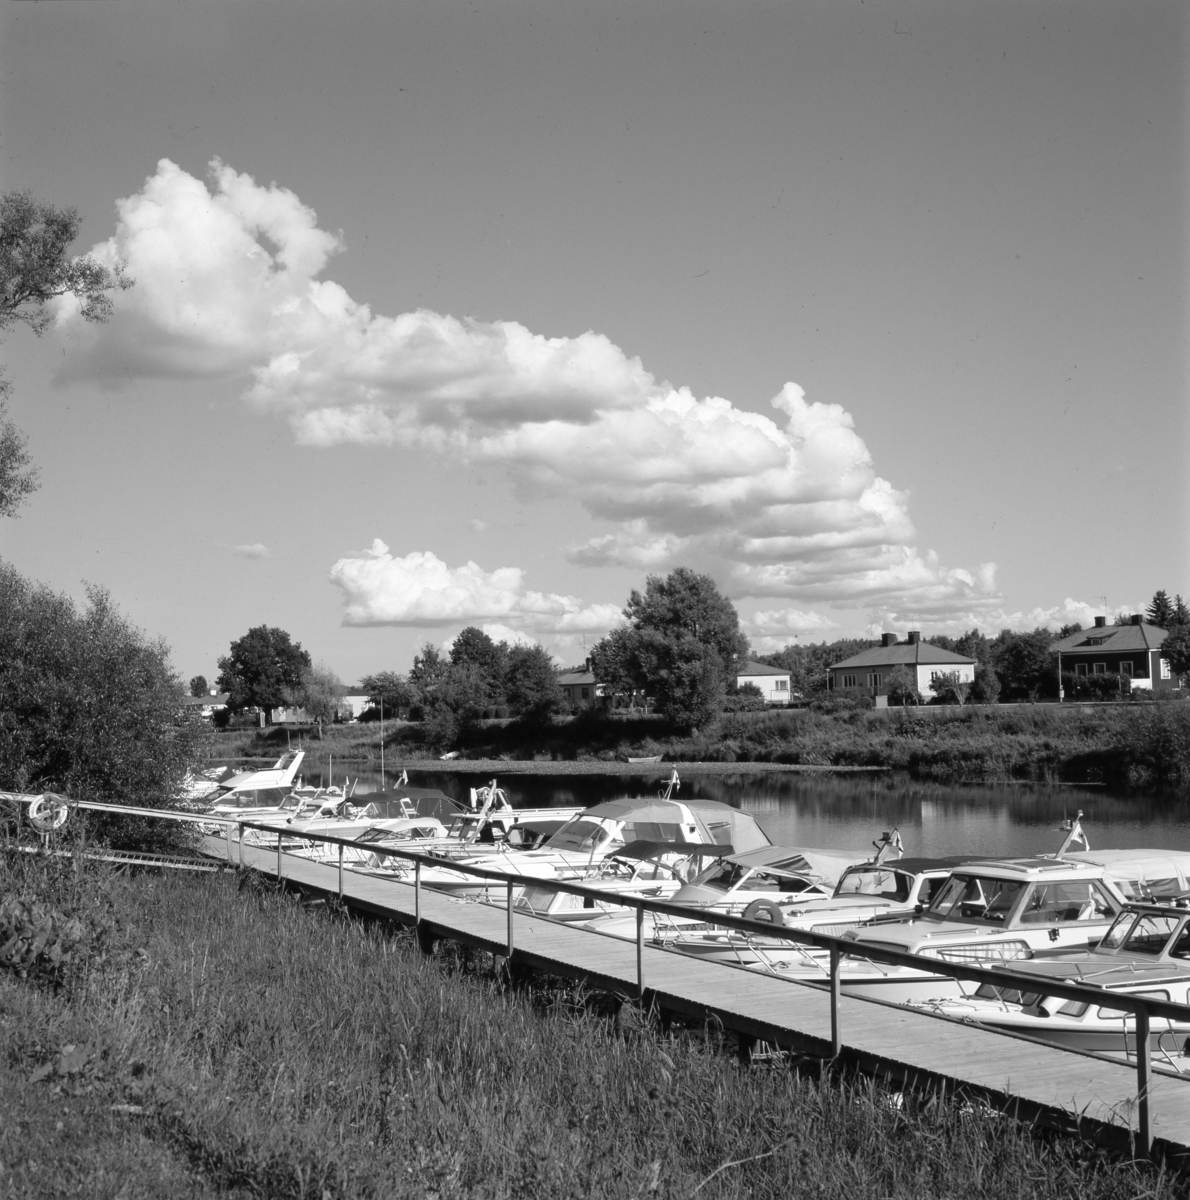 Båtklubbens brygga nedanför Bergmanparken. Småbåtar ligger sida vid sida i Arbogaån. På andra sidan ån ses husen på Södra Ågatan.